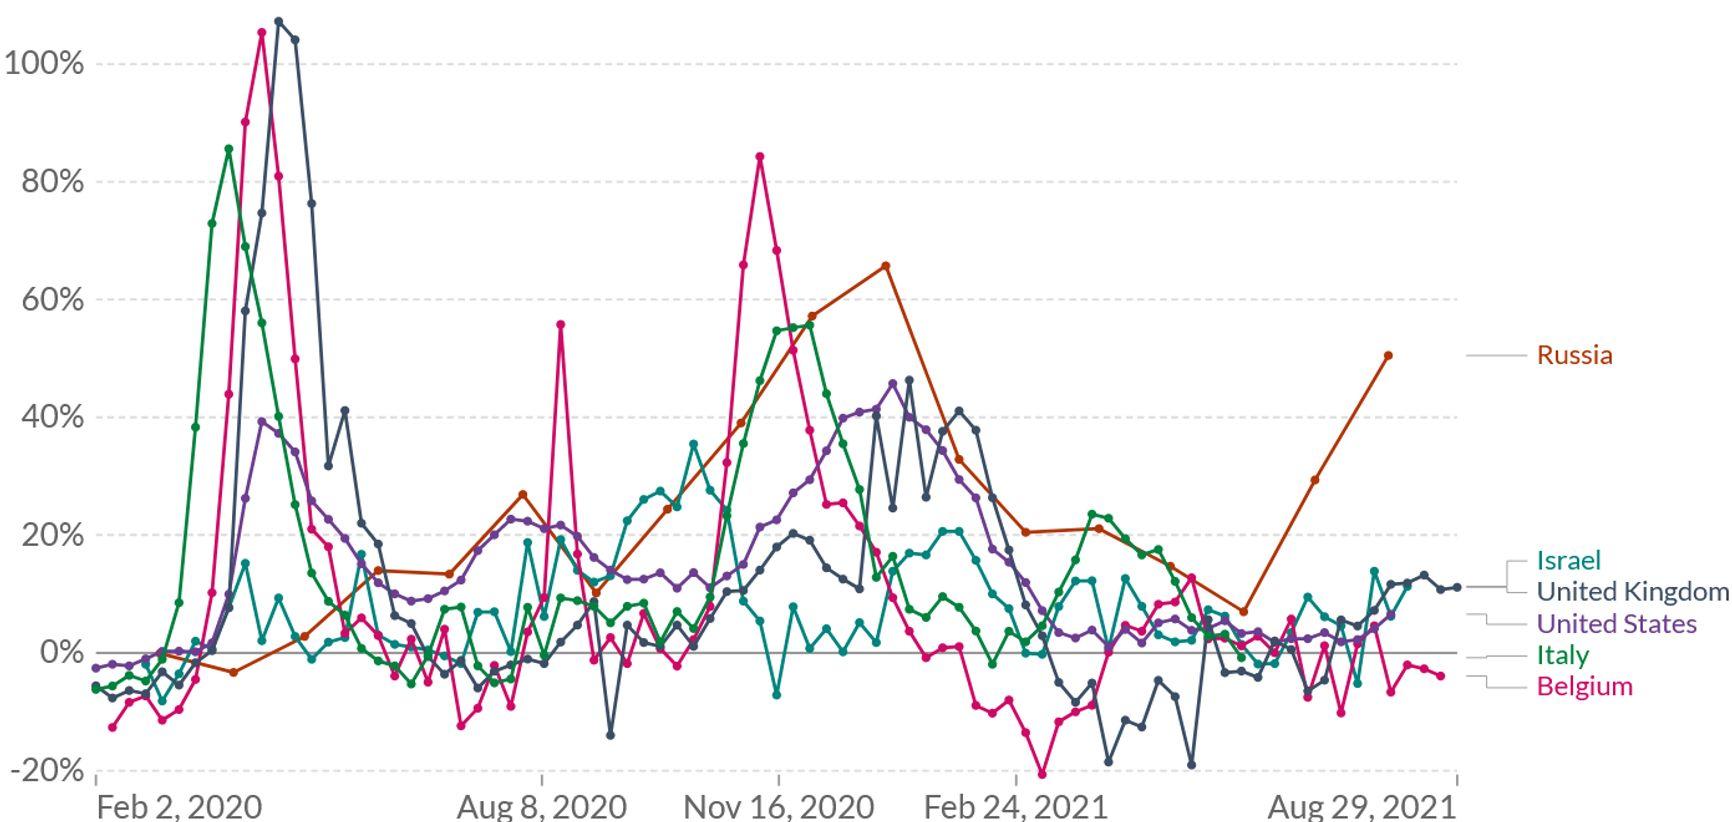 Рис. 4. Избыточная смертность в процентах к смертности, предсказуемой по данным прошлых лет в отдельных странах